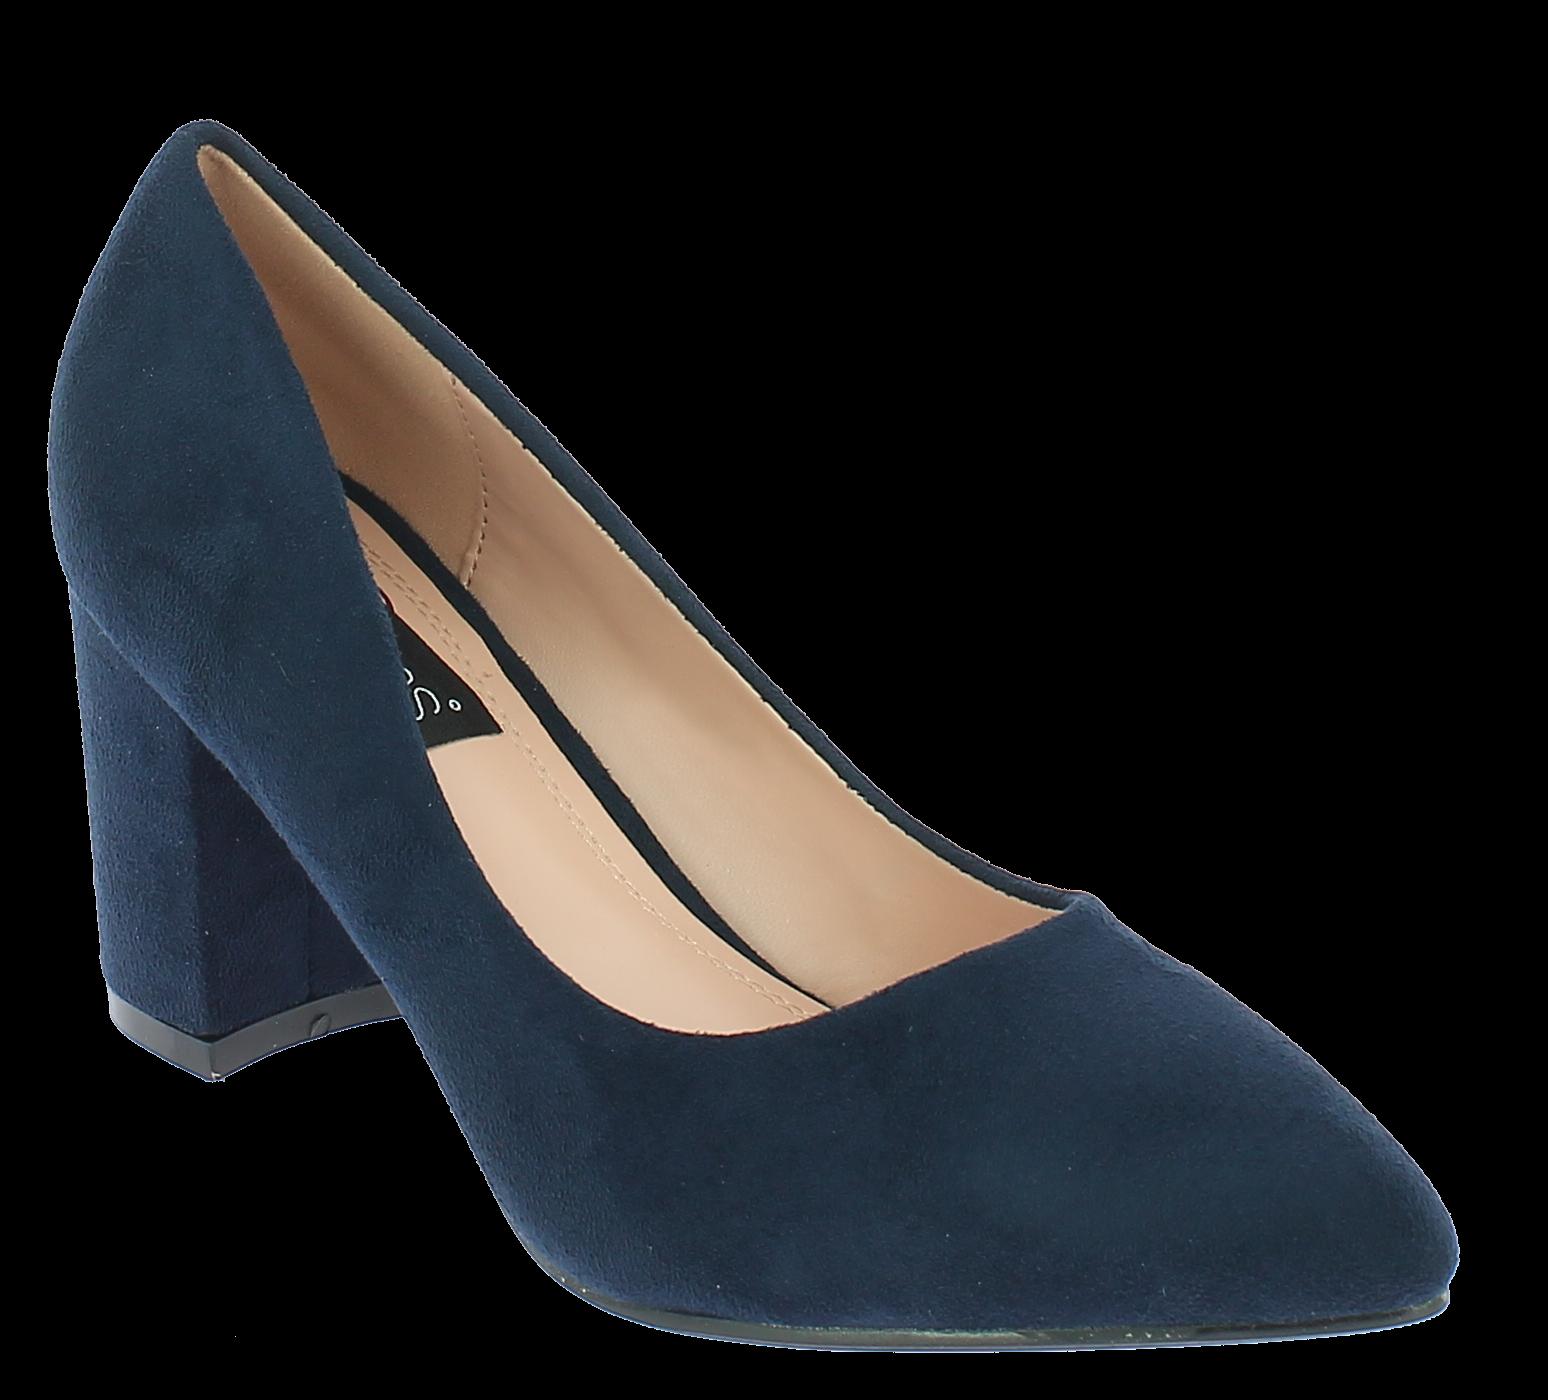 IQSHOES Γυναικεία Γόβα TY813 Μπλε - IqShoes - TY813 BLUE-blue-36/1/23/7 παπούτσια  γόβες